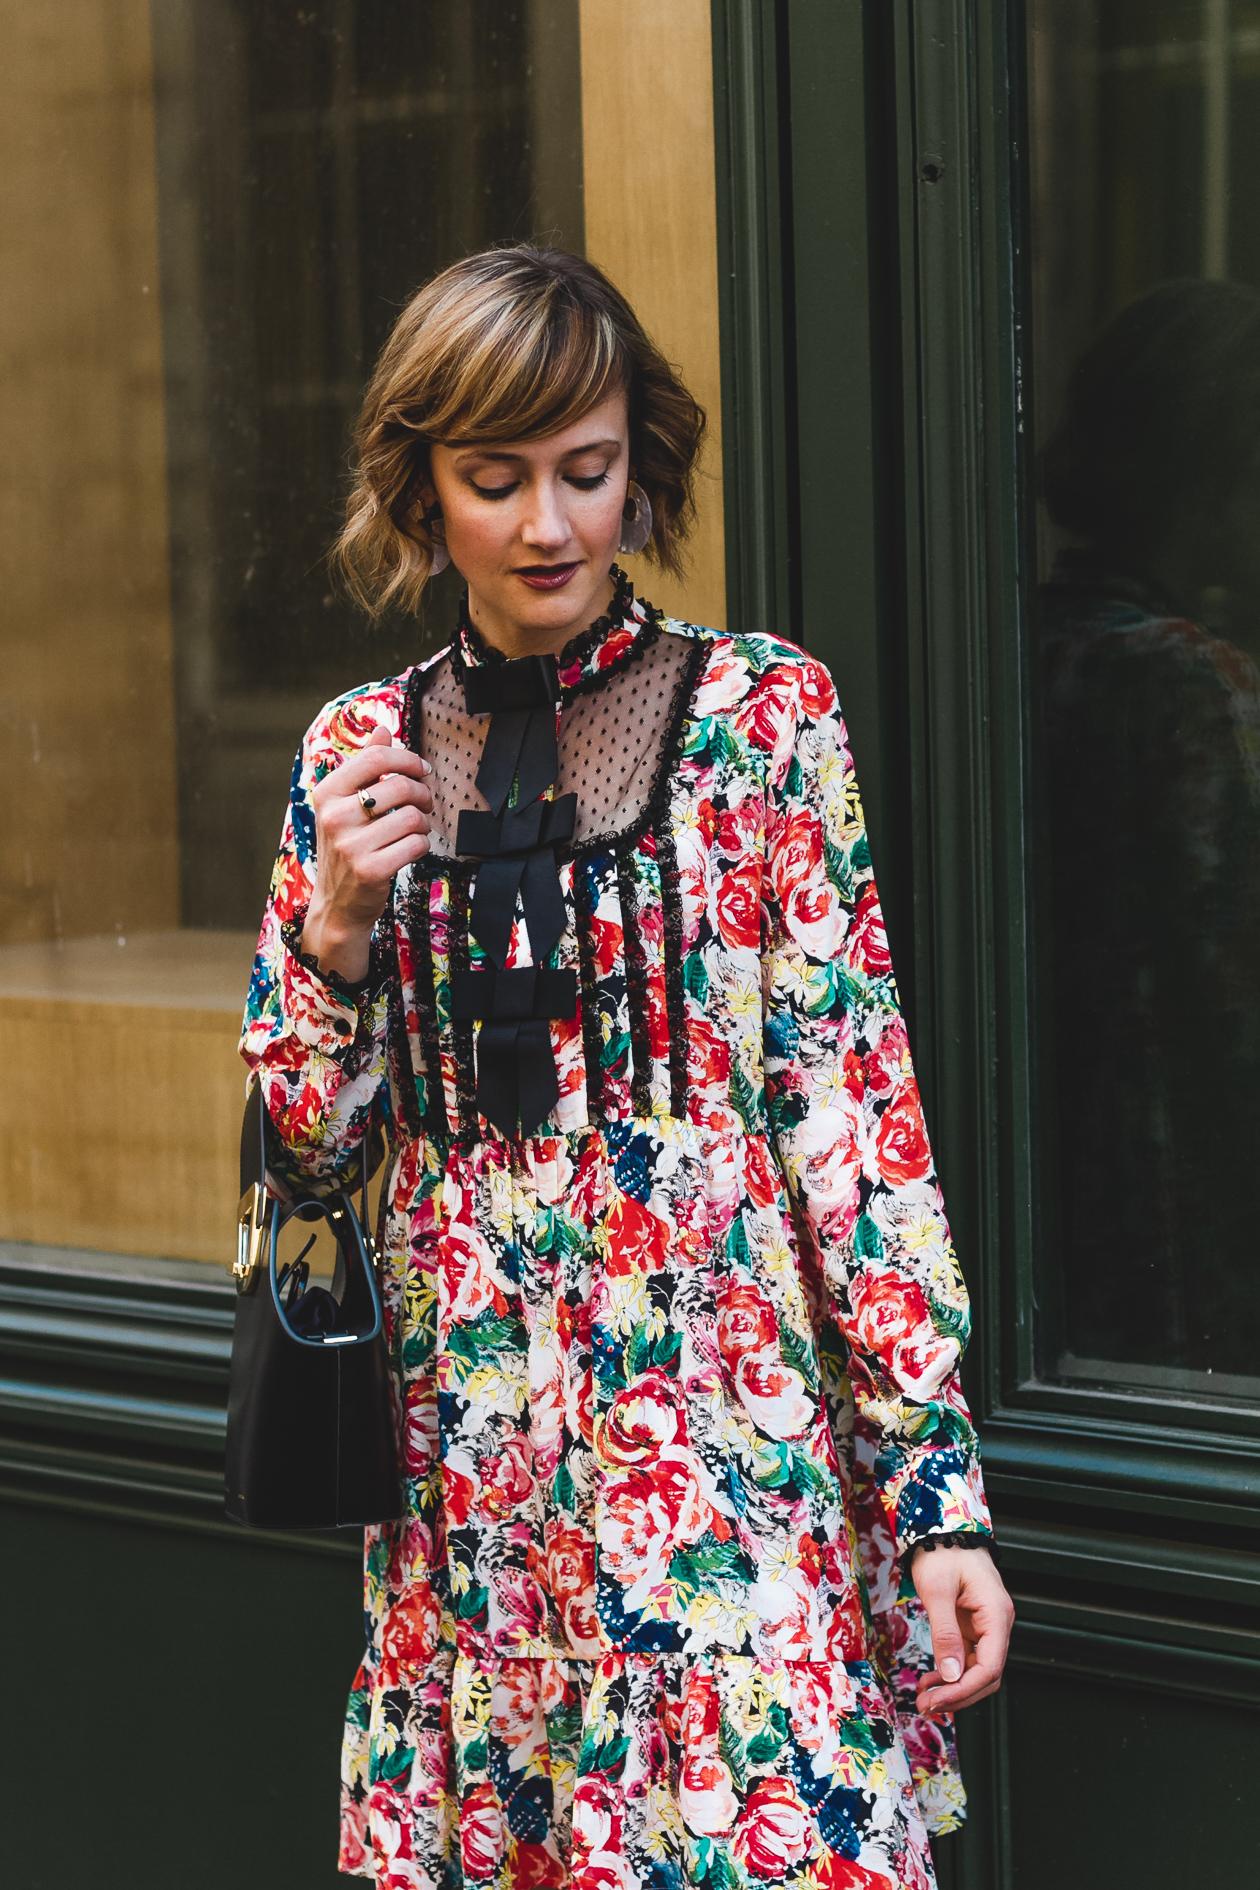 Ganni floral dress and Danse Lente bag